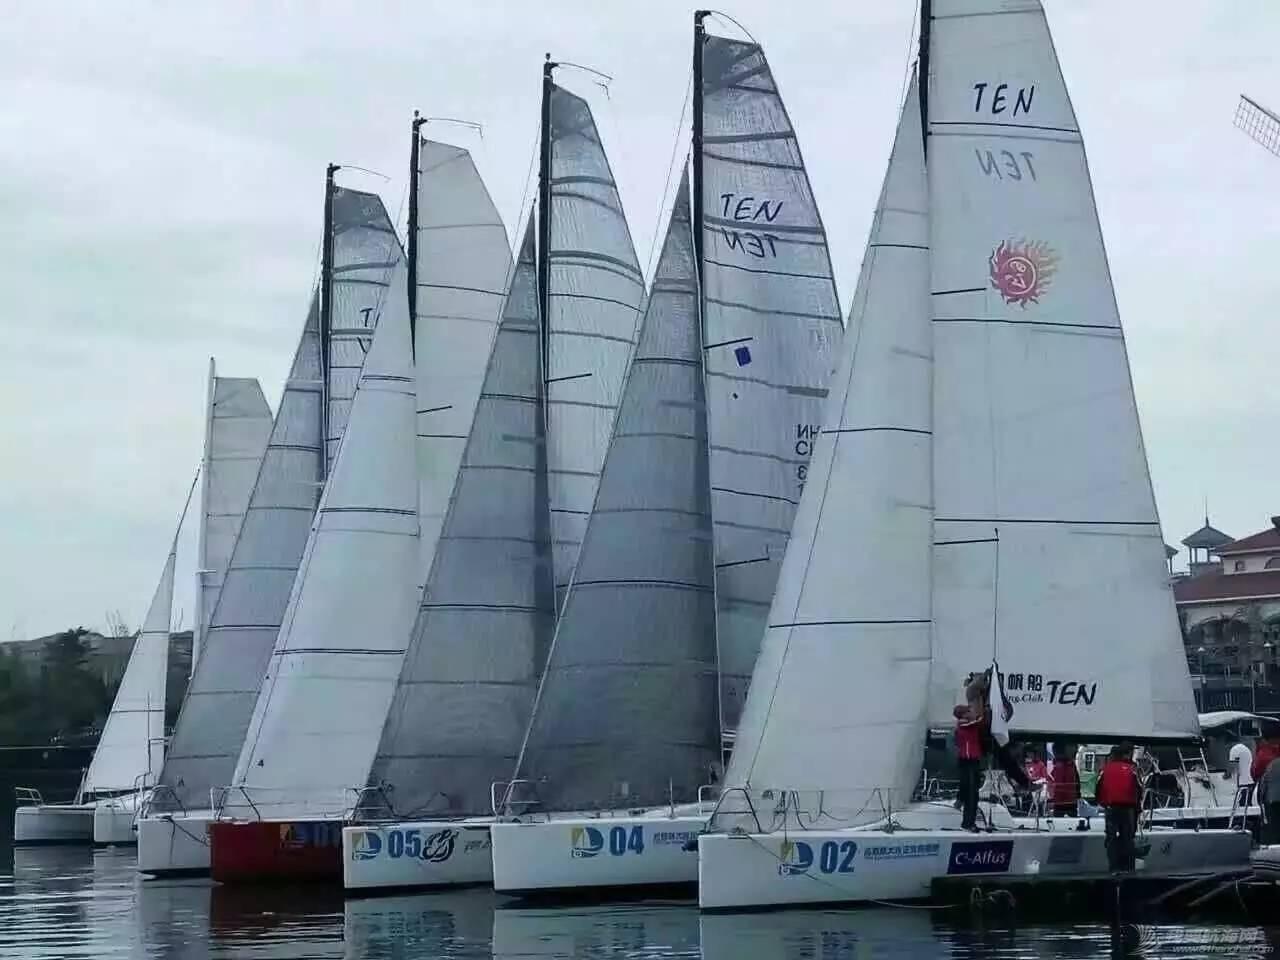 【2016大连拓恩杯企业帆船赛】一句真诚的感谢献给所有人 47a552947010064fca1594e62b15ad67.jpg